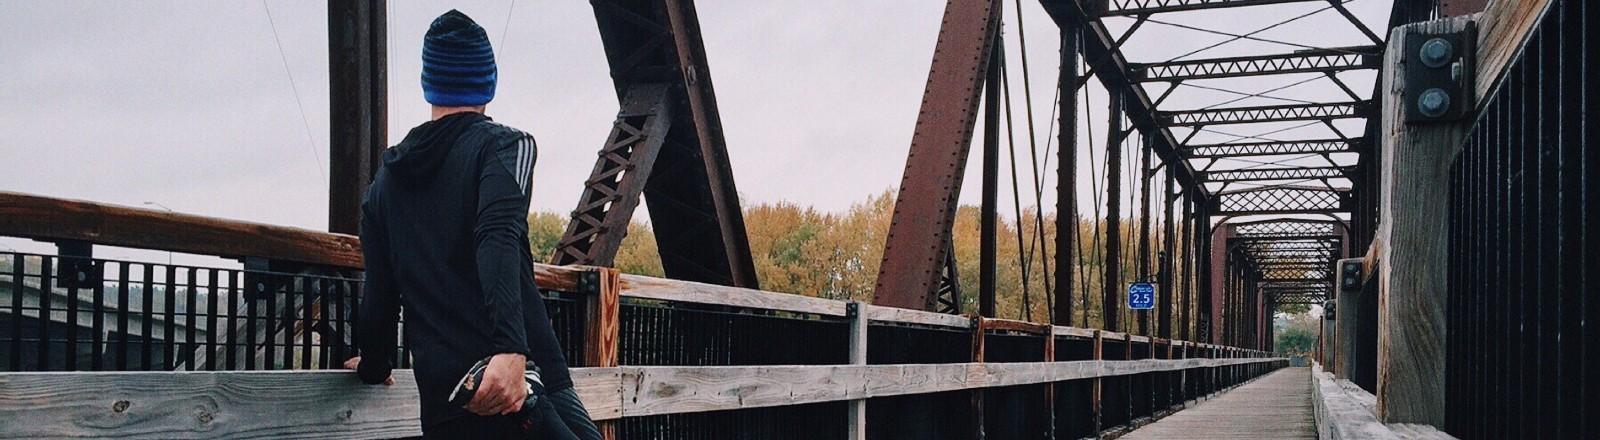 Ein Mann dehnt sich auf eine Brücke